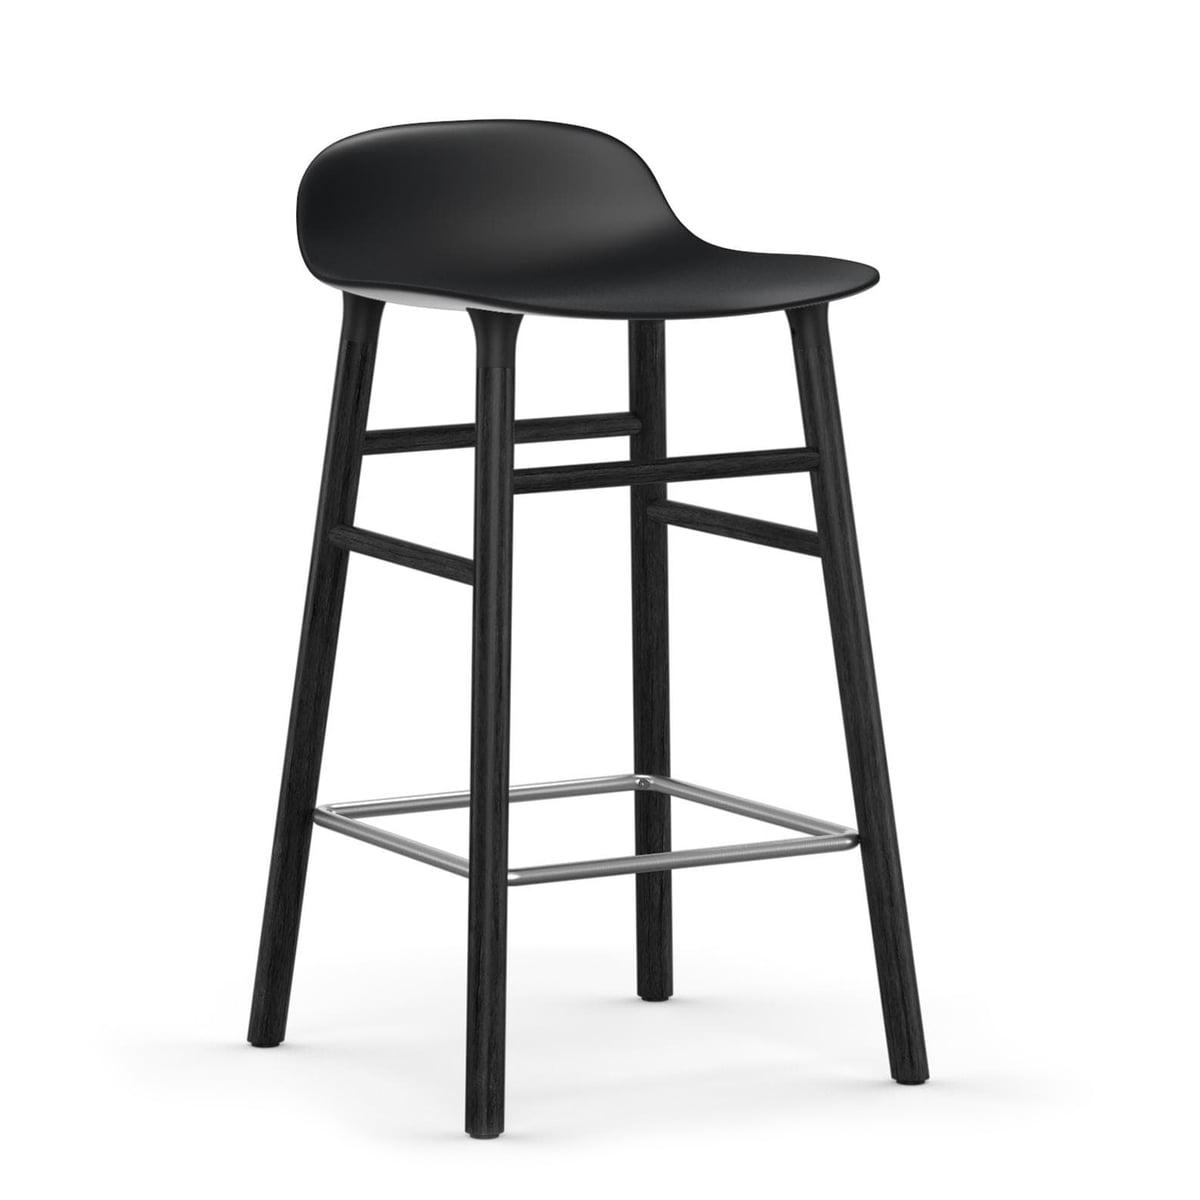 Normann Copenhagen - Form tabouret de bar 65 cm, piètement en chêne noir / noir